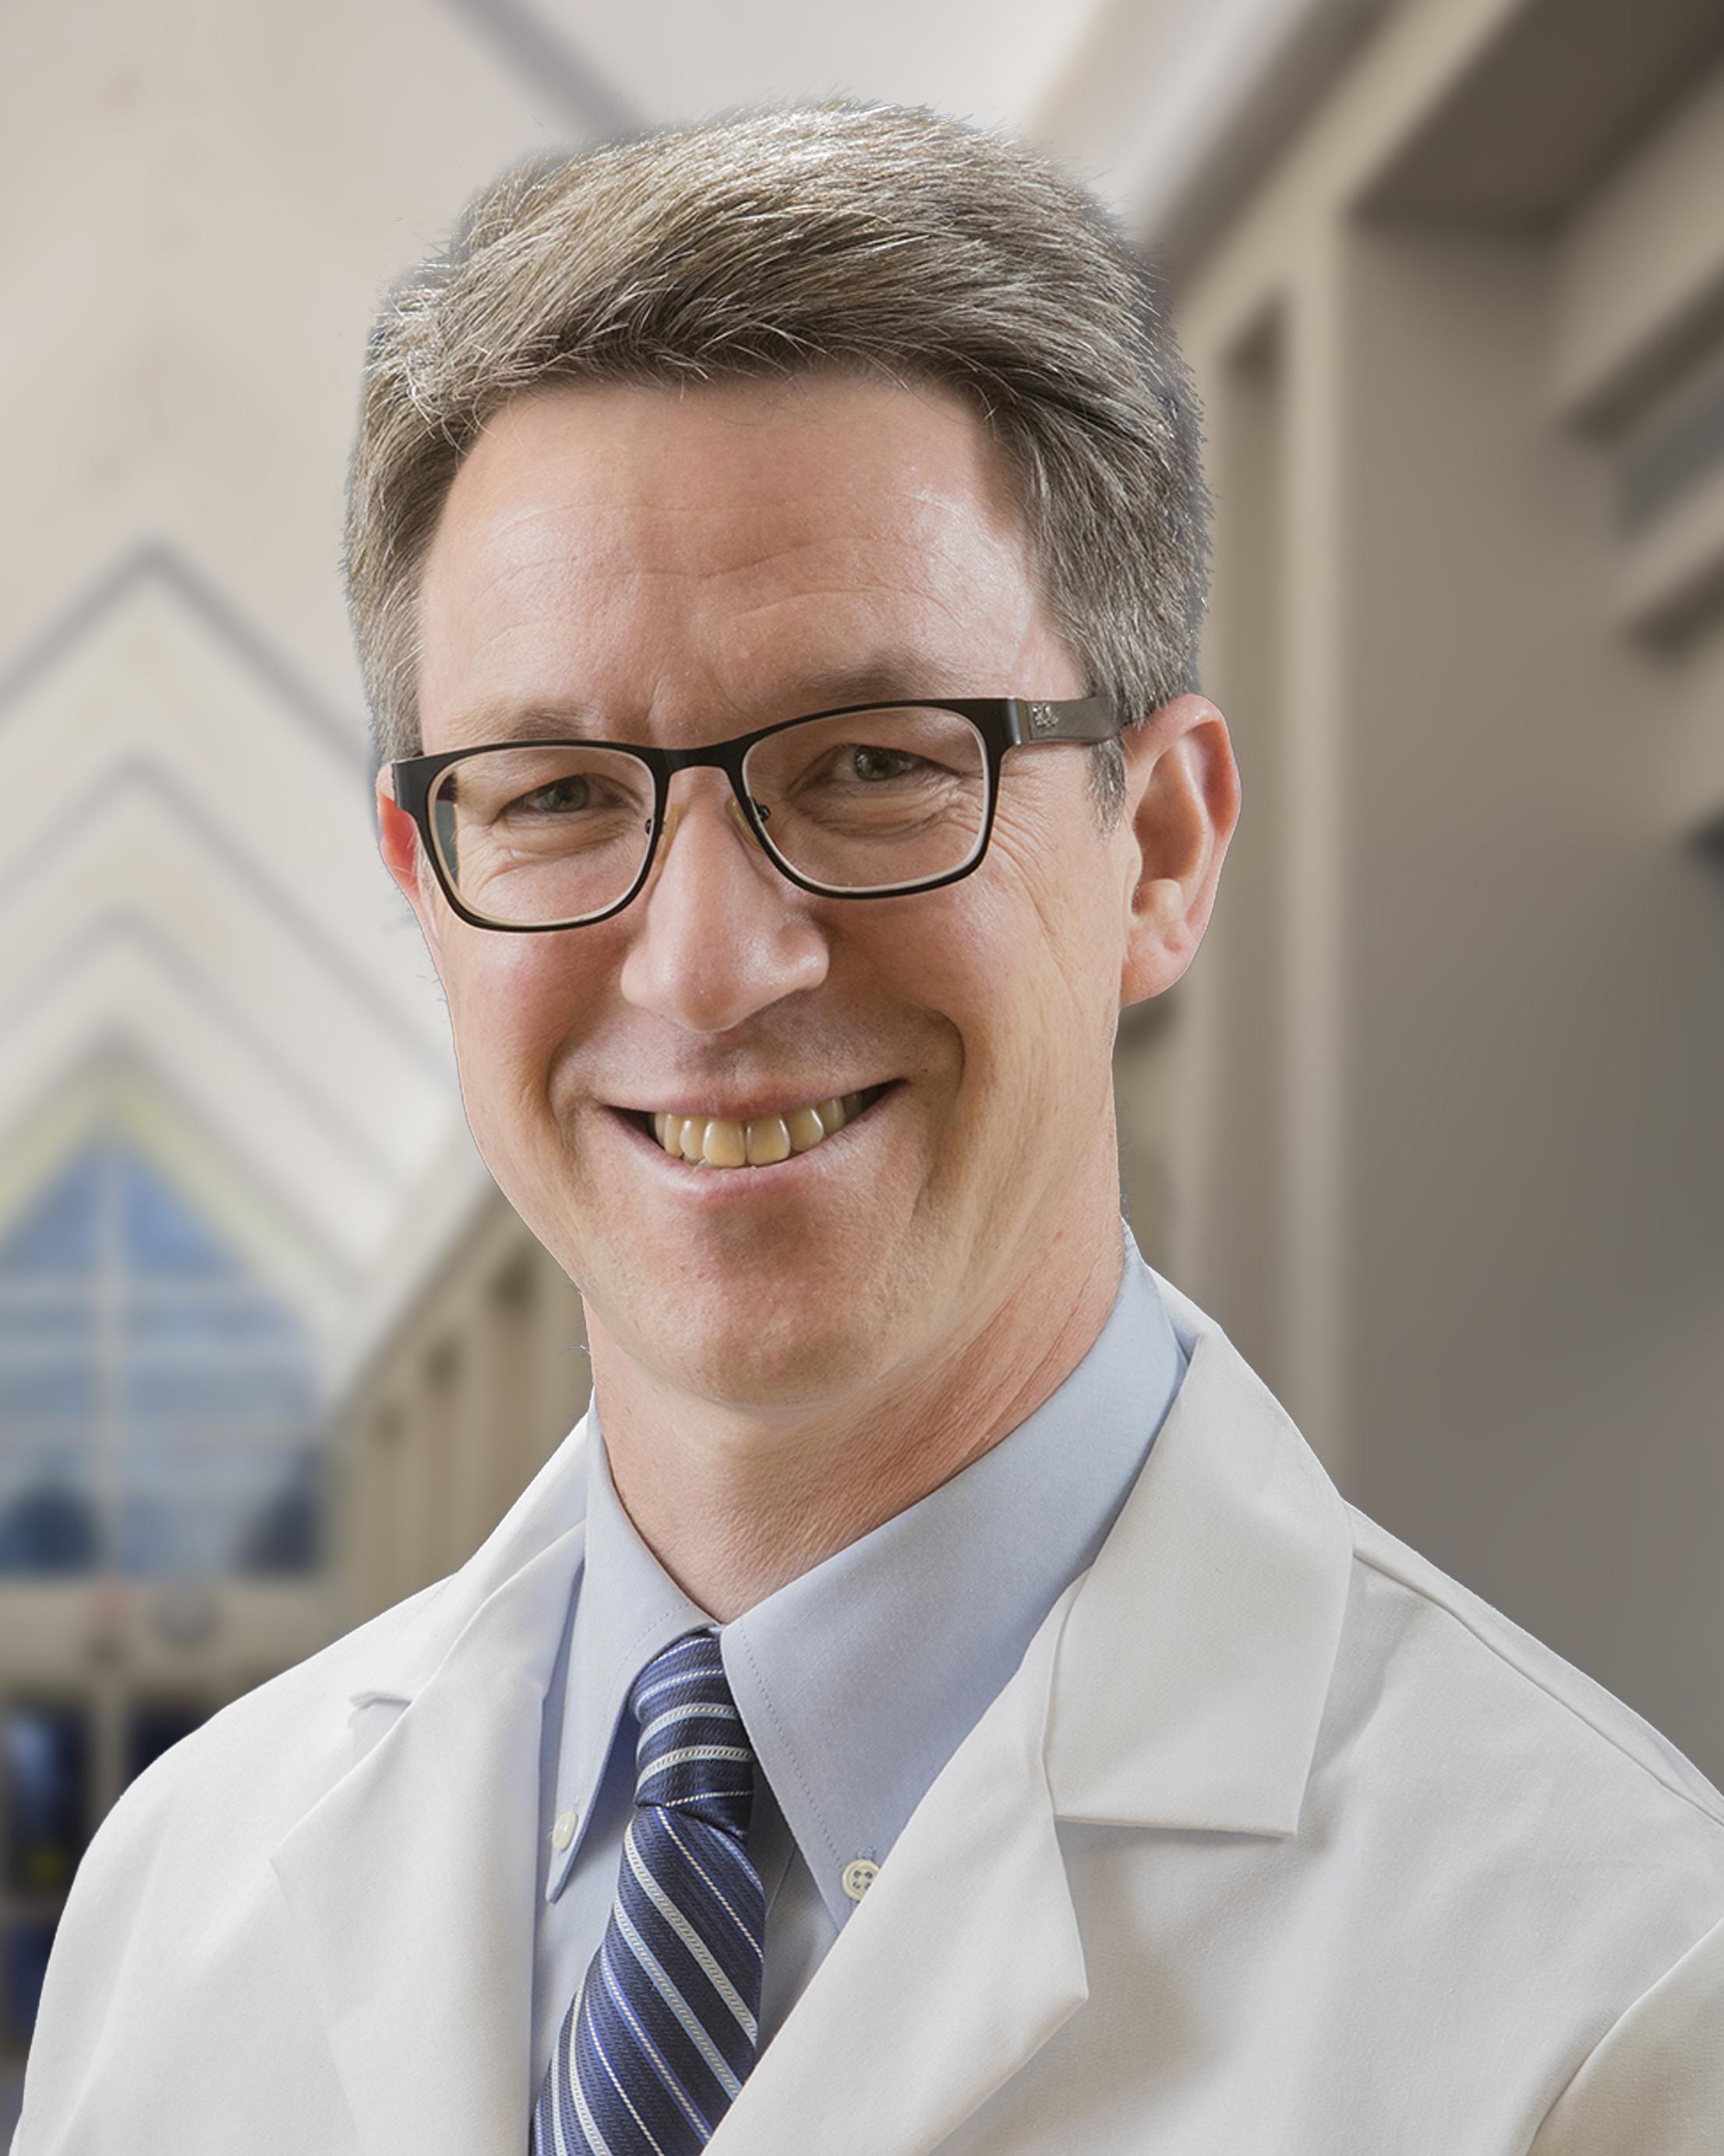 Markus Tauscher, MD